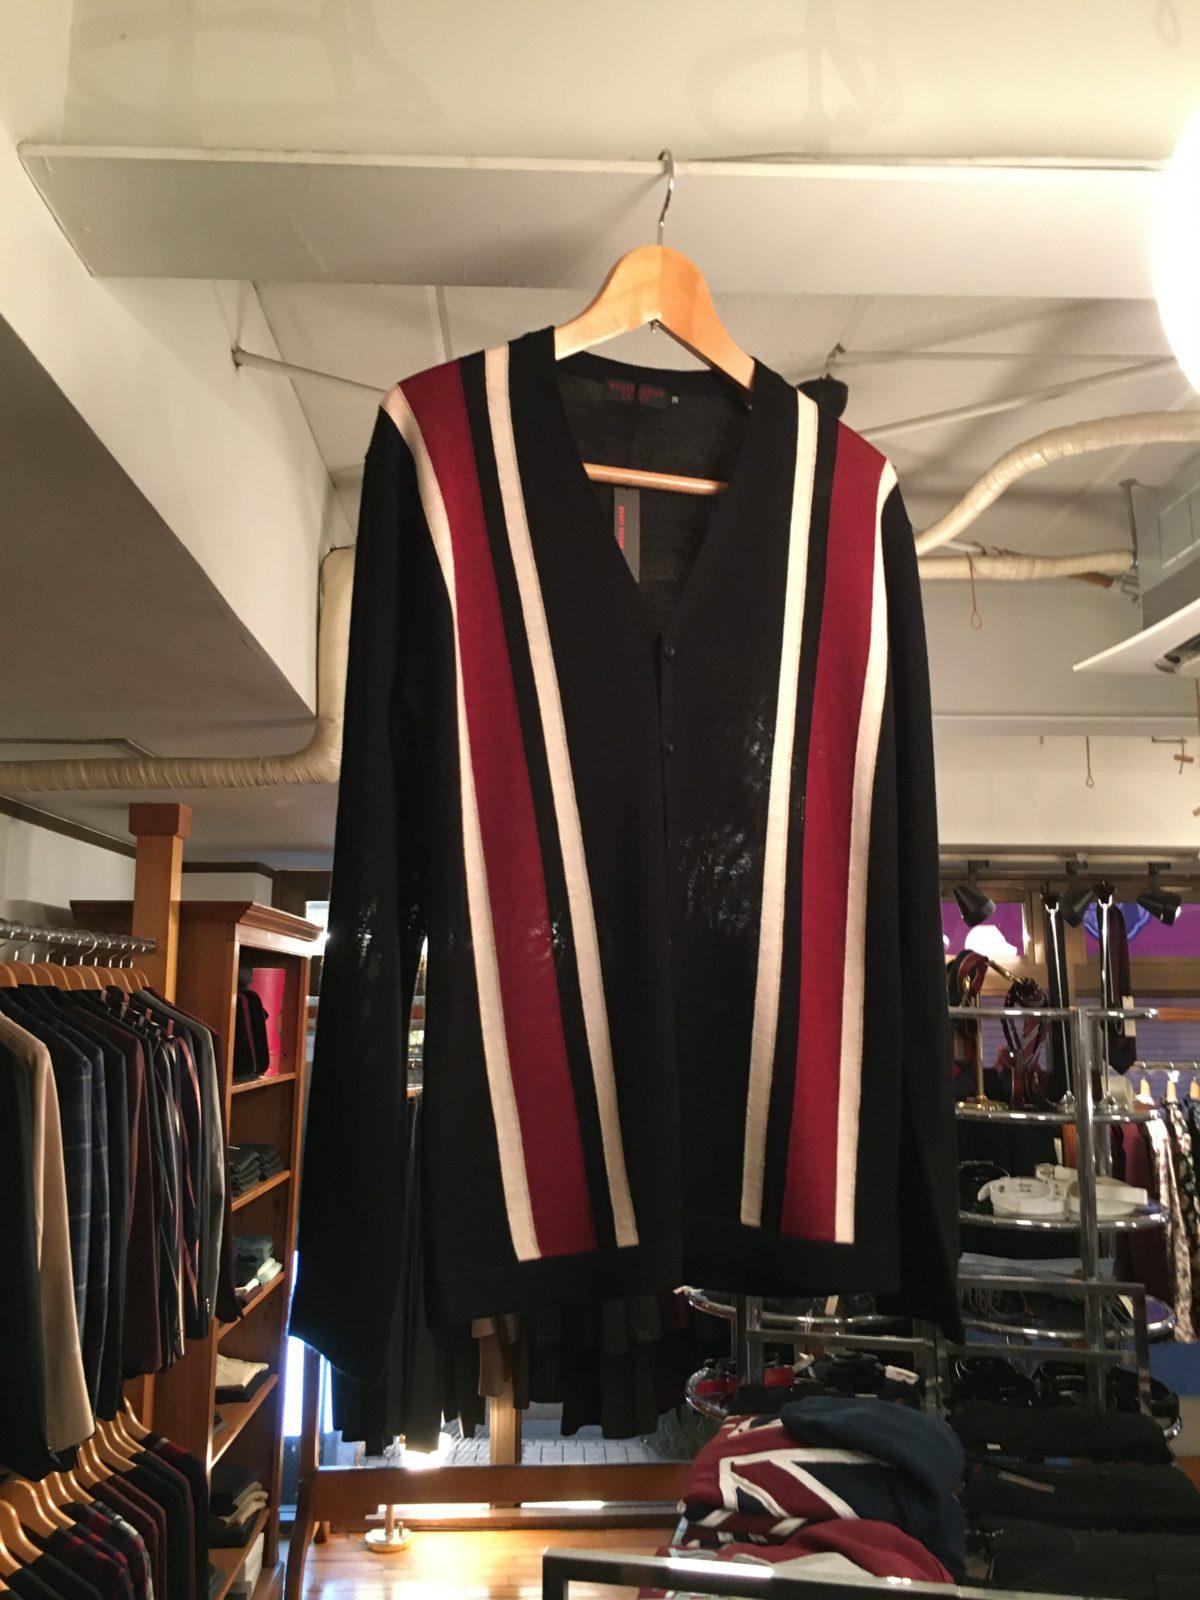 二宮和也 ニノ 嵐 衣装 TVLIFE REATS TAILOR ZAZOUS stripe cardigan